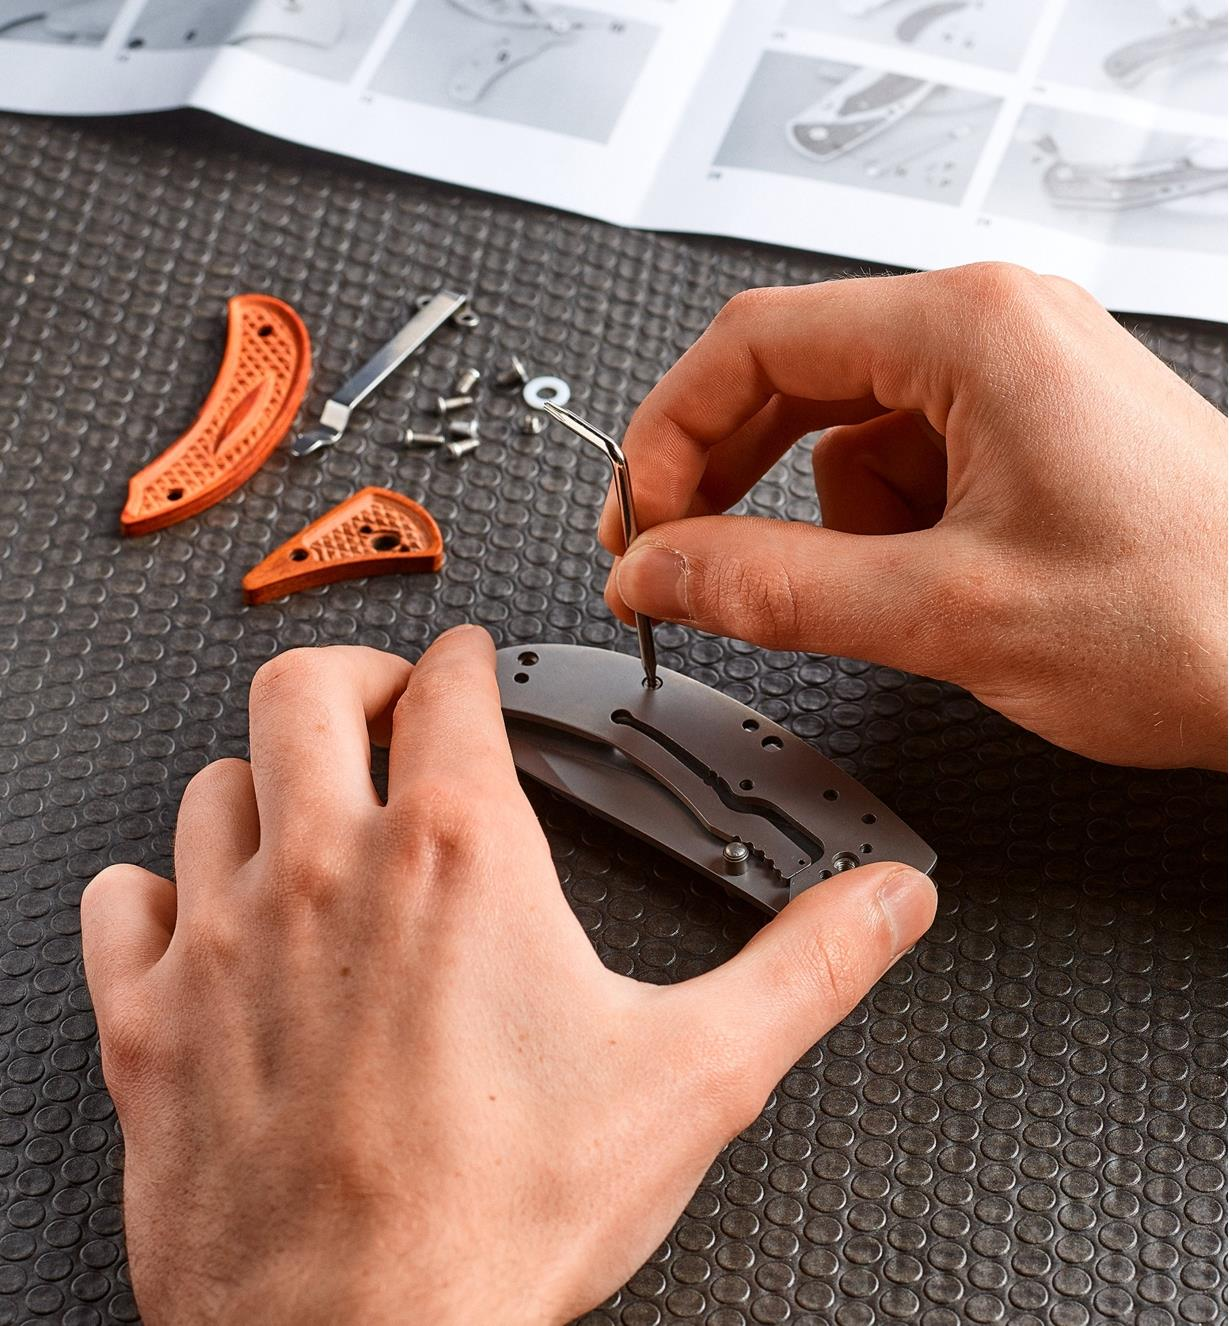 Personne assemblant les composants du couteau à platine-verrou